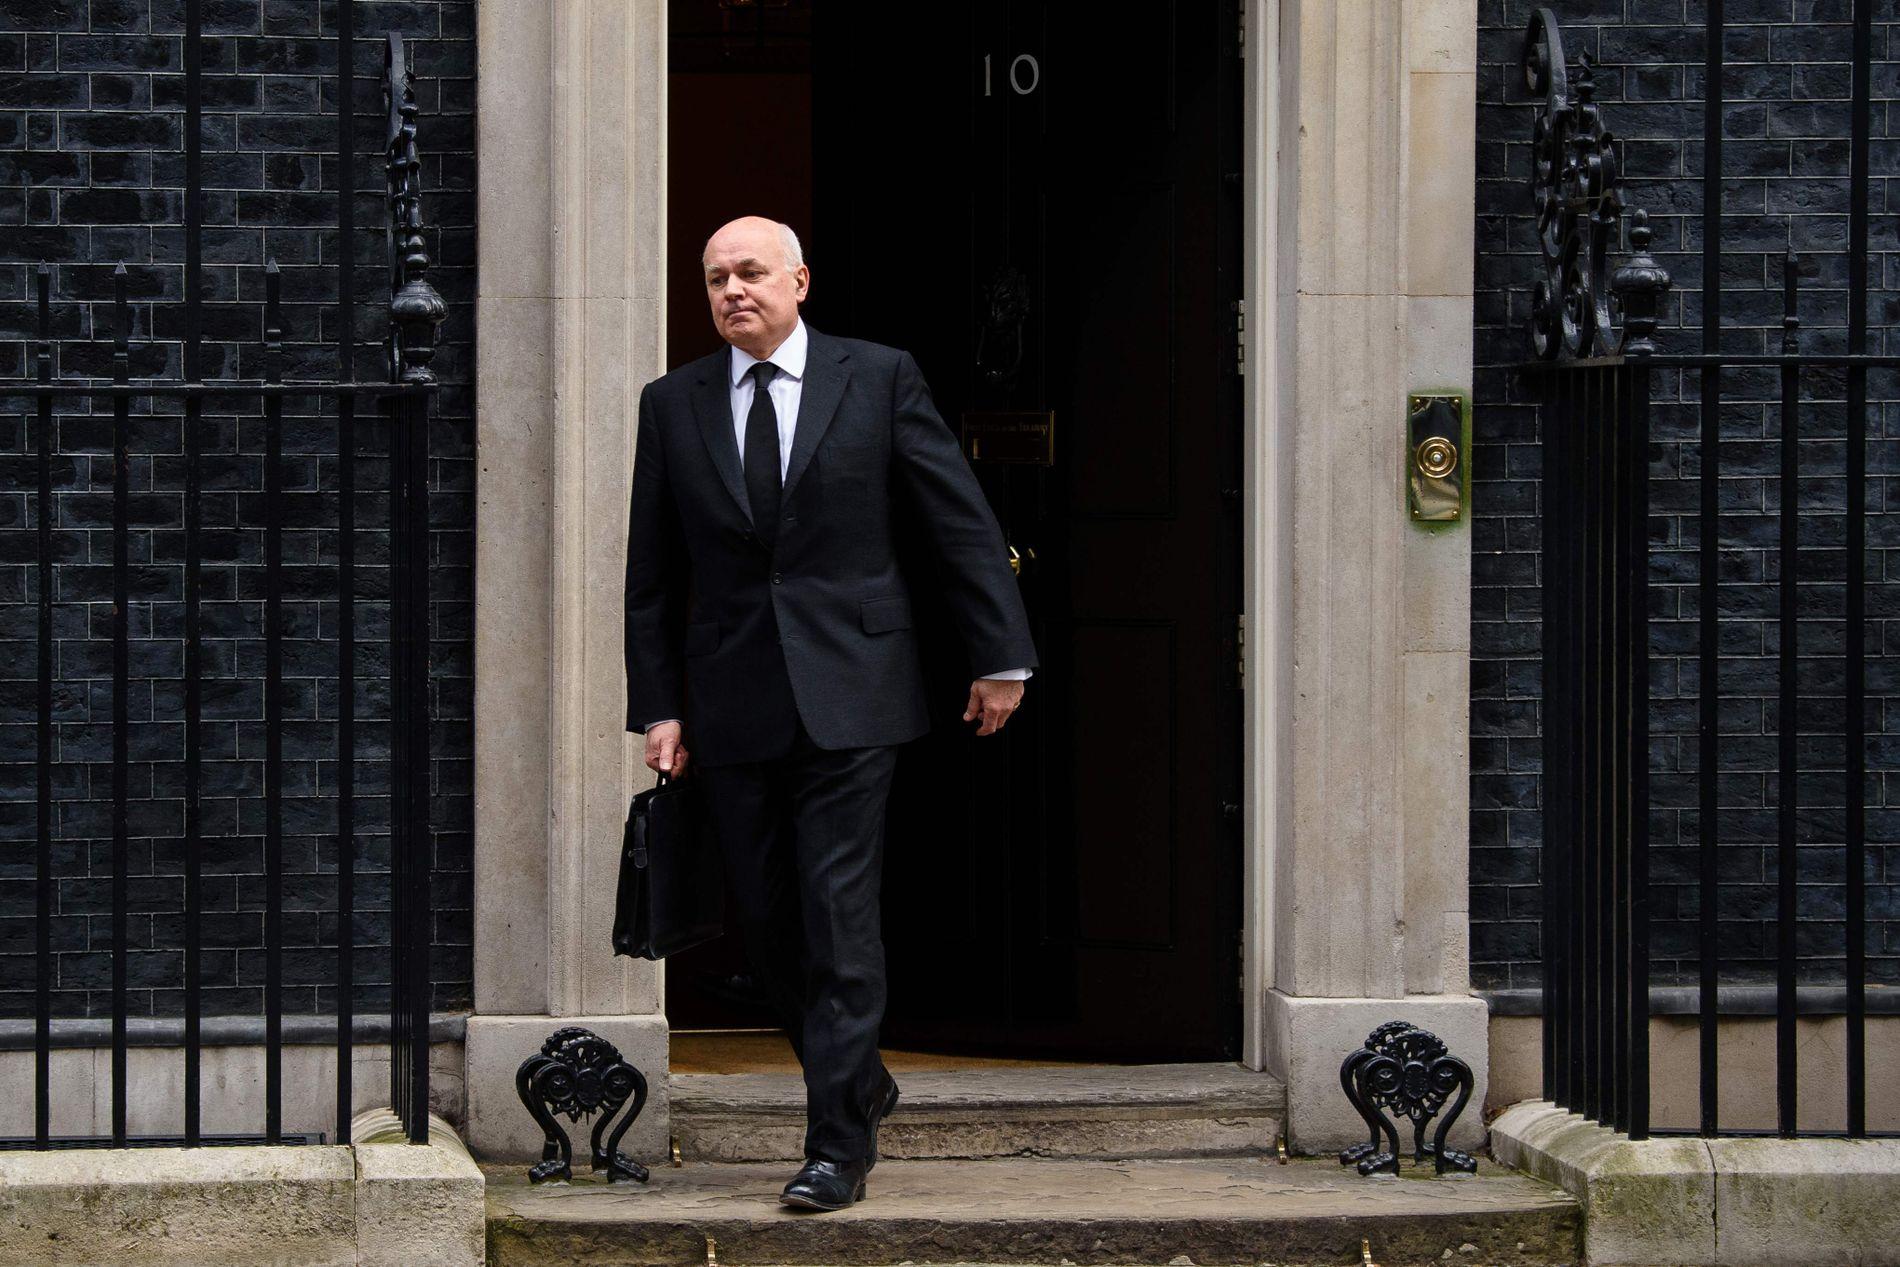 GIKK AV: Med arbeidsminister Iain Duncan Smiths hastige avgang fredag kveld, kom den opprivende konflikten innad i det konservative partiet til syne. Her forlater IDS Downing Street etter å ha blitt pålagt å kutte 16 mrd kr i trygdeutgifter.